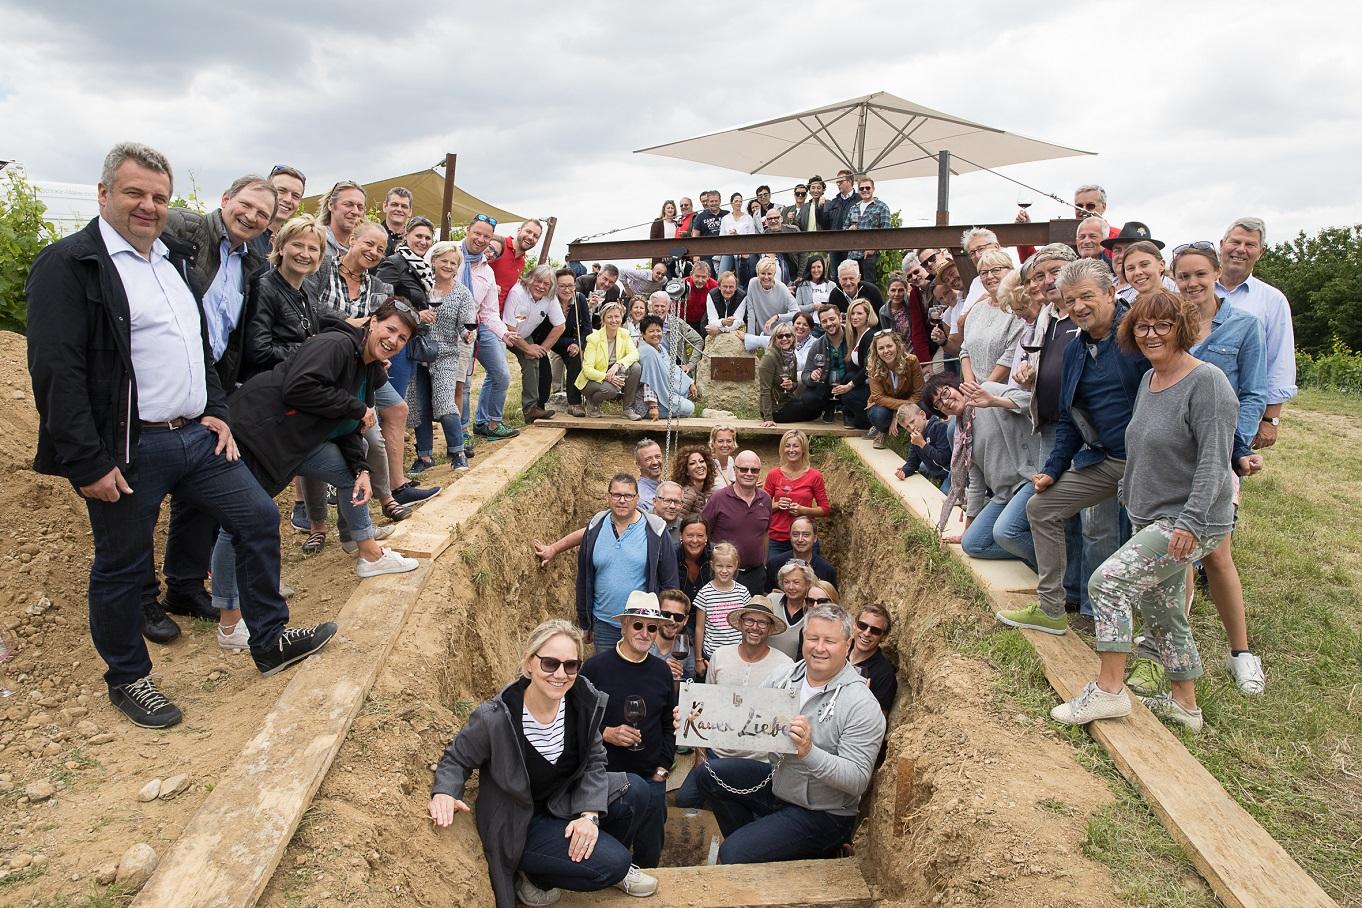 Die Ausgrabung der Rauen Liebe (Bildquelle: (c) Sebastian Philipp)